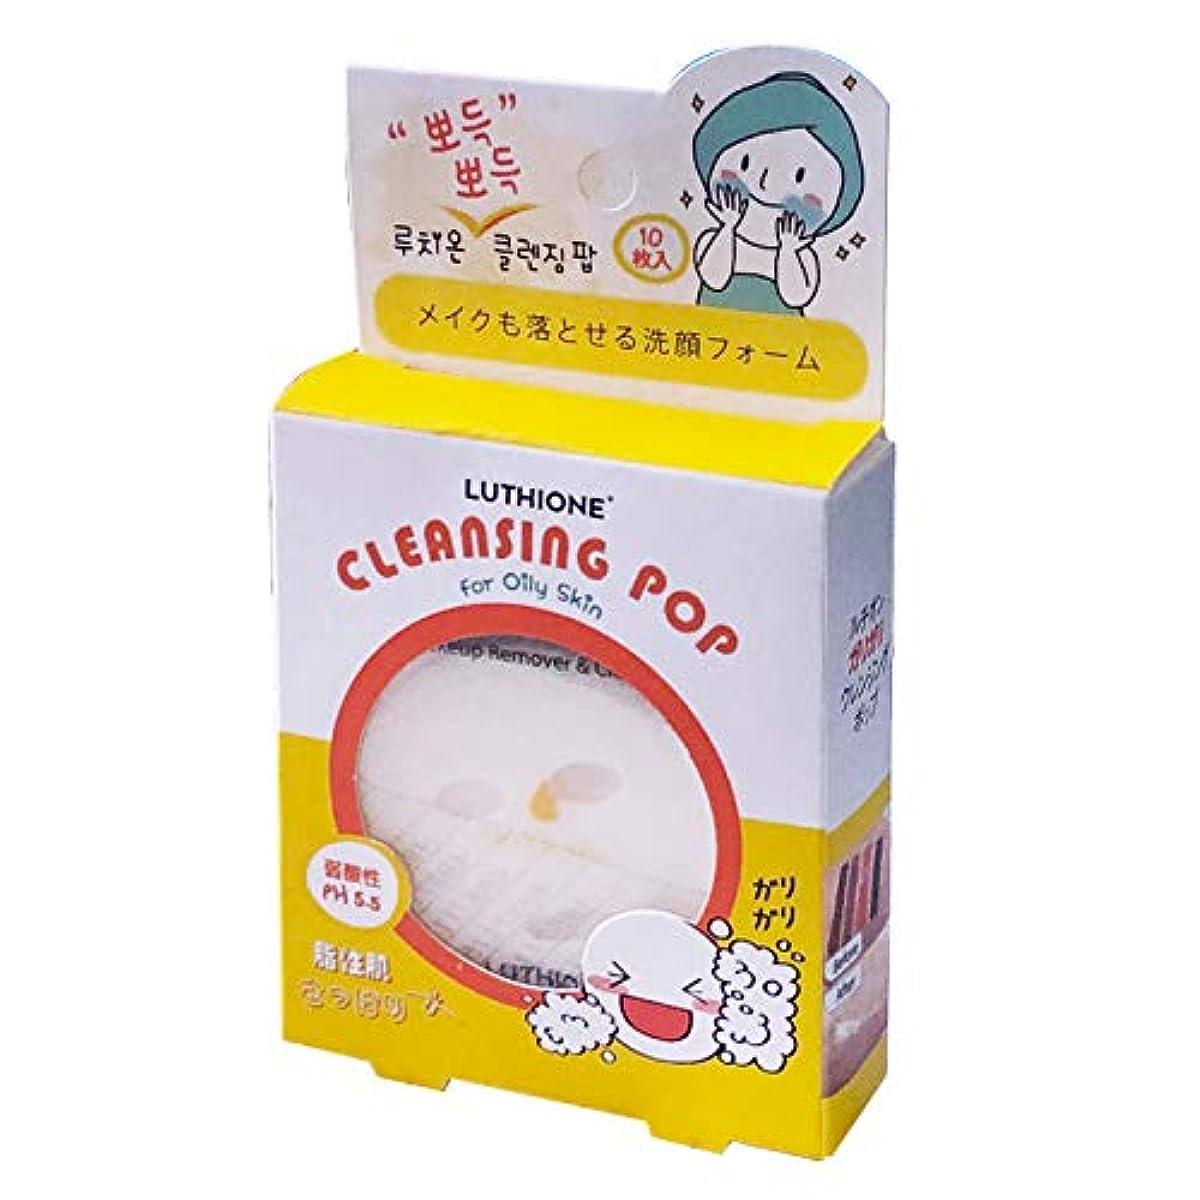 アルプス液体取り戻す【まとめ買い】ルチオン クレンジングポップ (LUTHIONE CLEANSING POP) 脂性肌 10枚入り ×6個